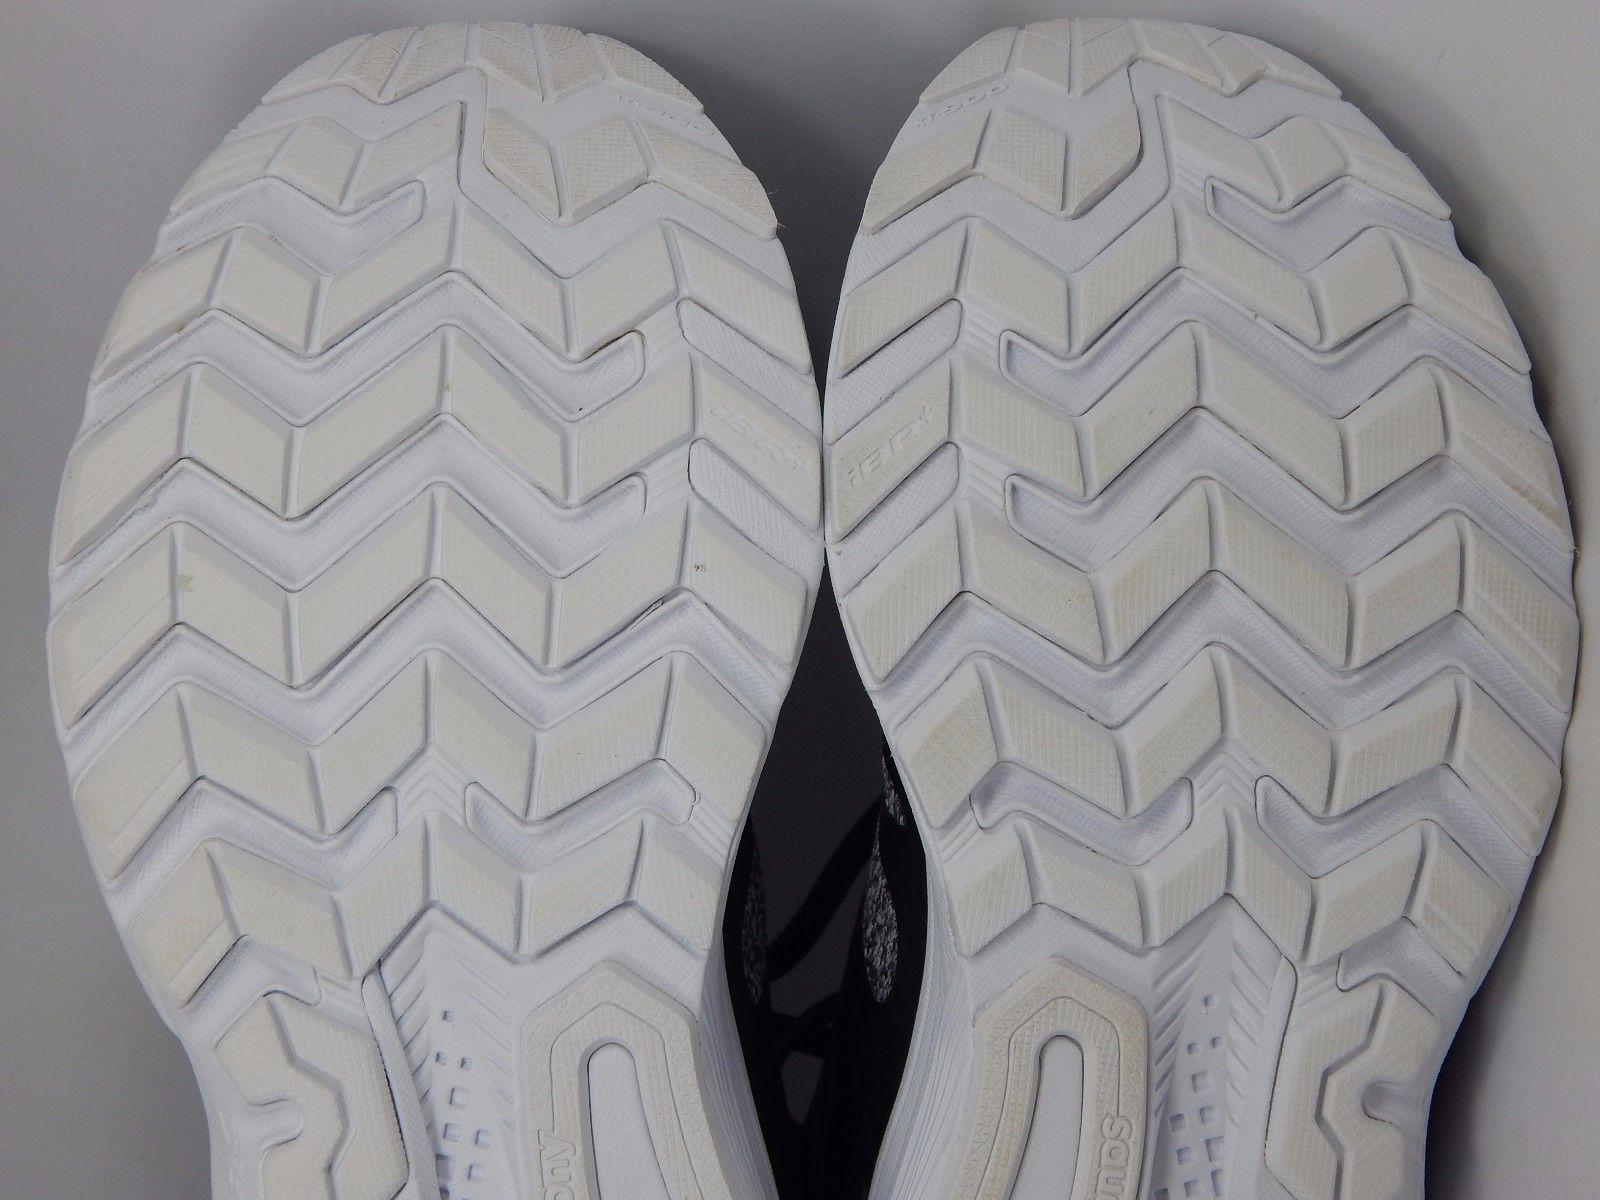 Saucony Ride 9 LR Men's Running Shoes Sz US 11.5 M (D) EU 46 Marl Black S20364-1